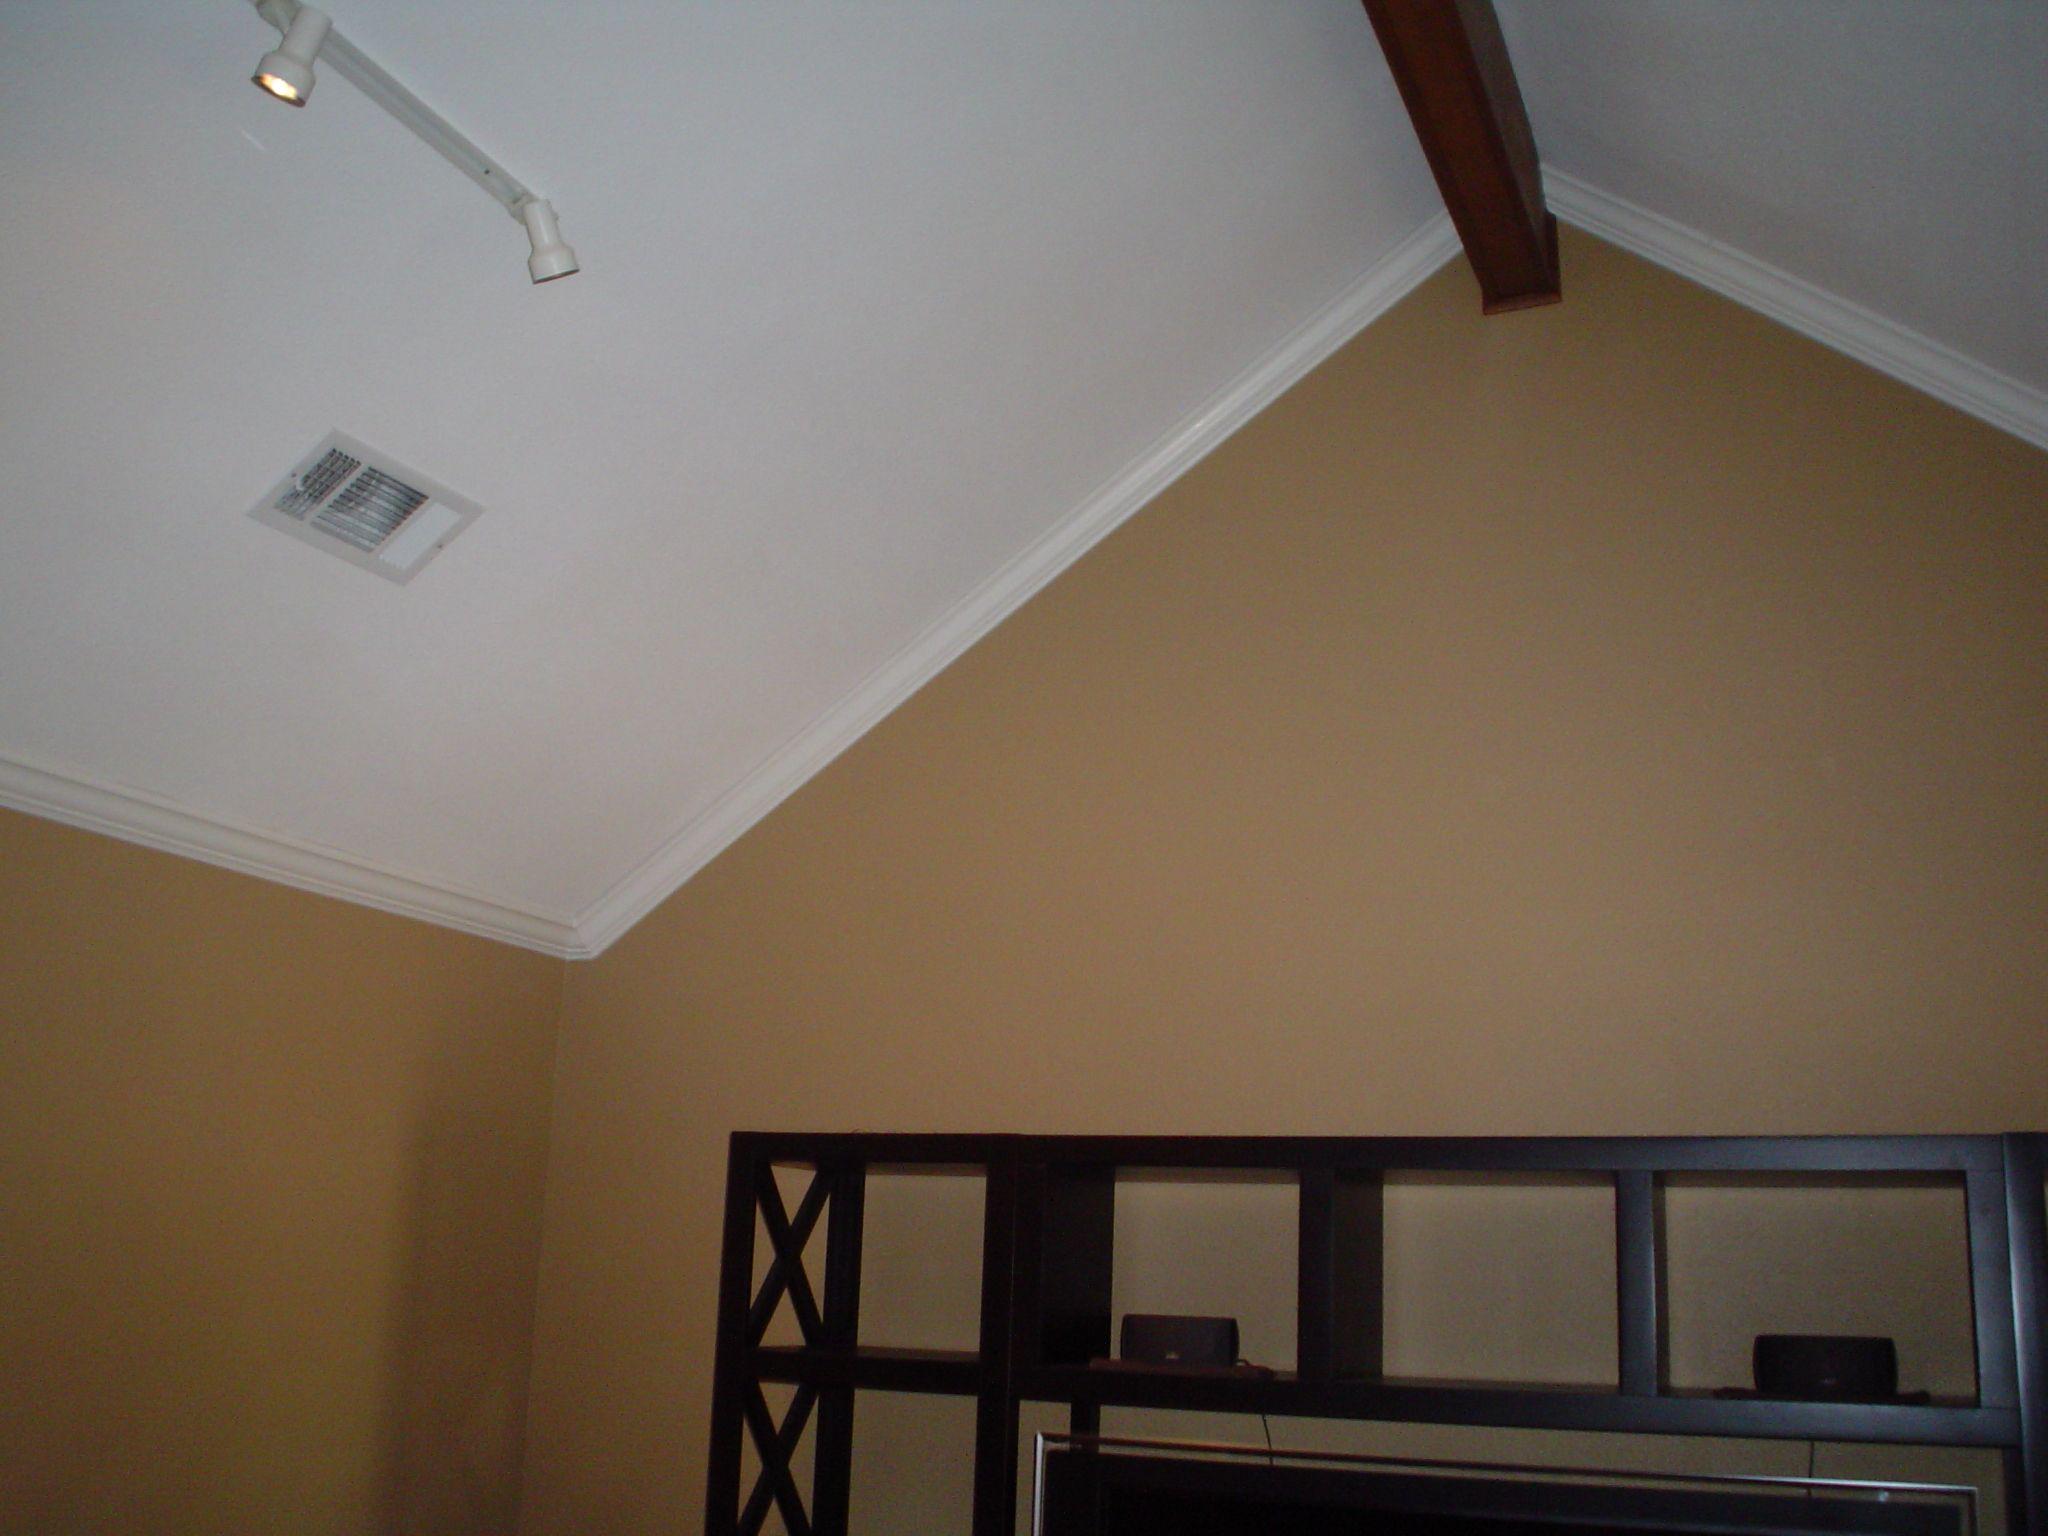 Dsc00561 Jpg 2 048 1 536 Pixels Redecorate Living Room Crown